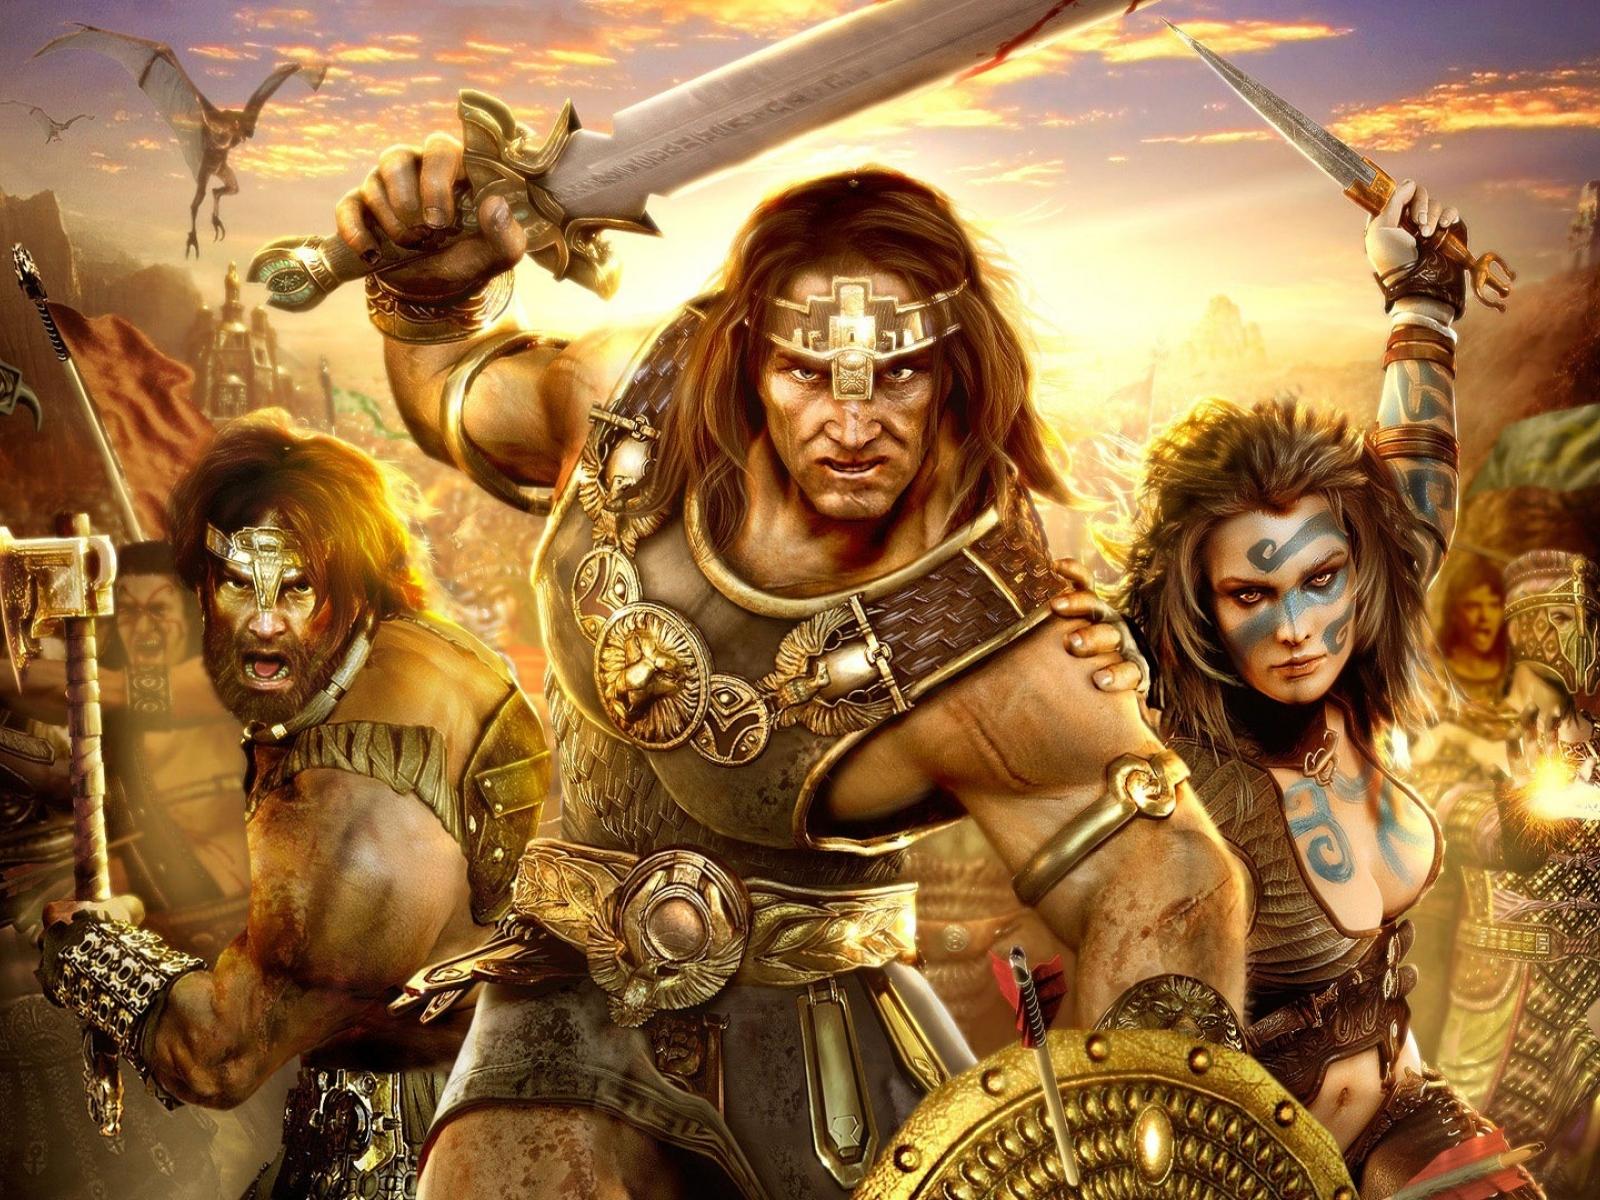 Conan   Barbarians wallpapers Age of Conan   Barbarians stock photos 1600x1200